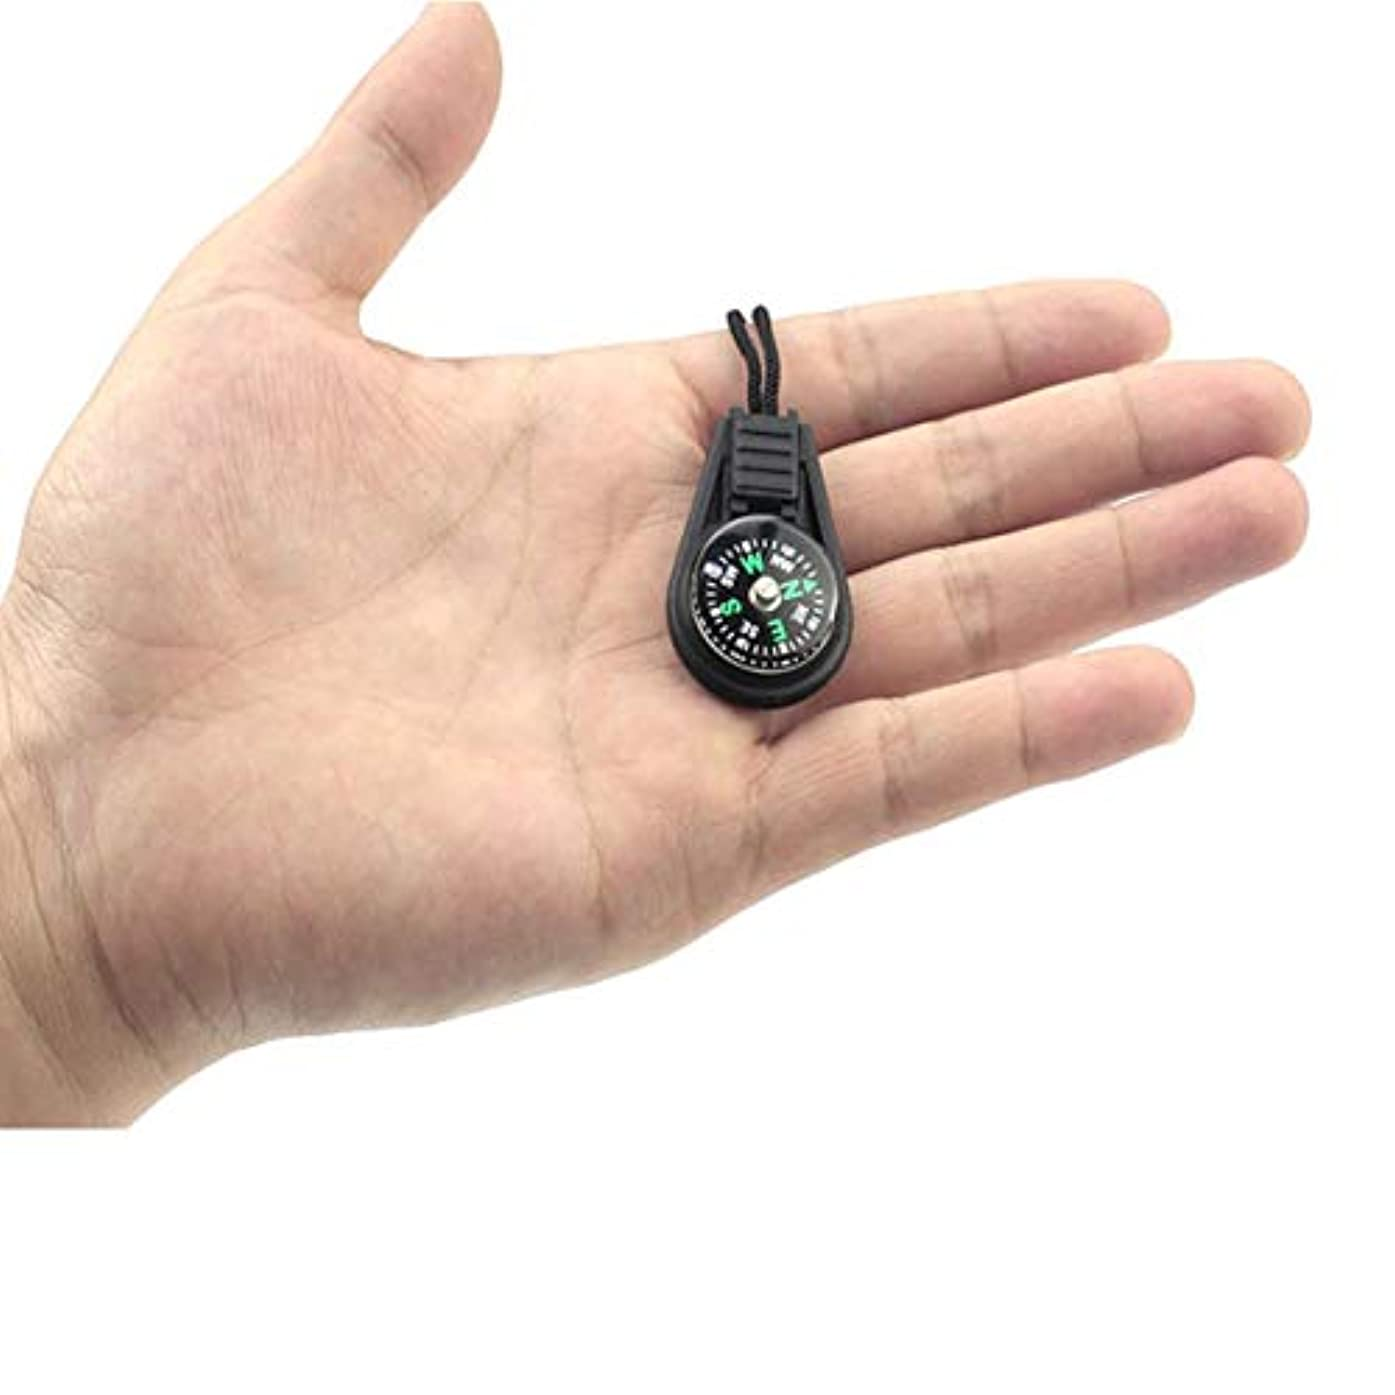 レガシー廃棄美的ロープペンダント付き小型コンパスミニコンパスコンパス-ブラック